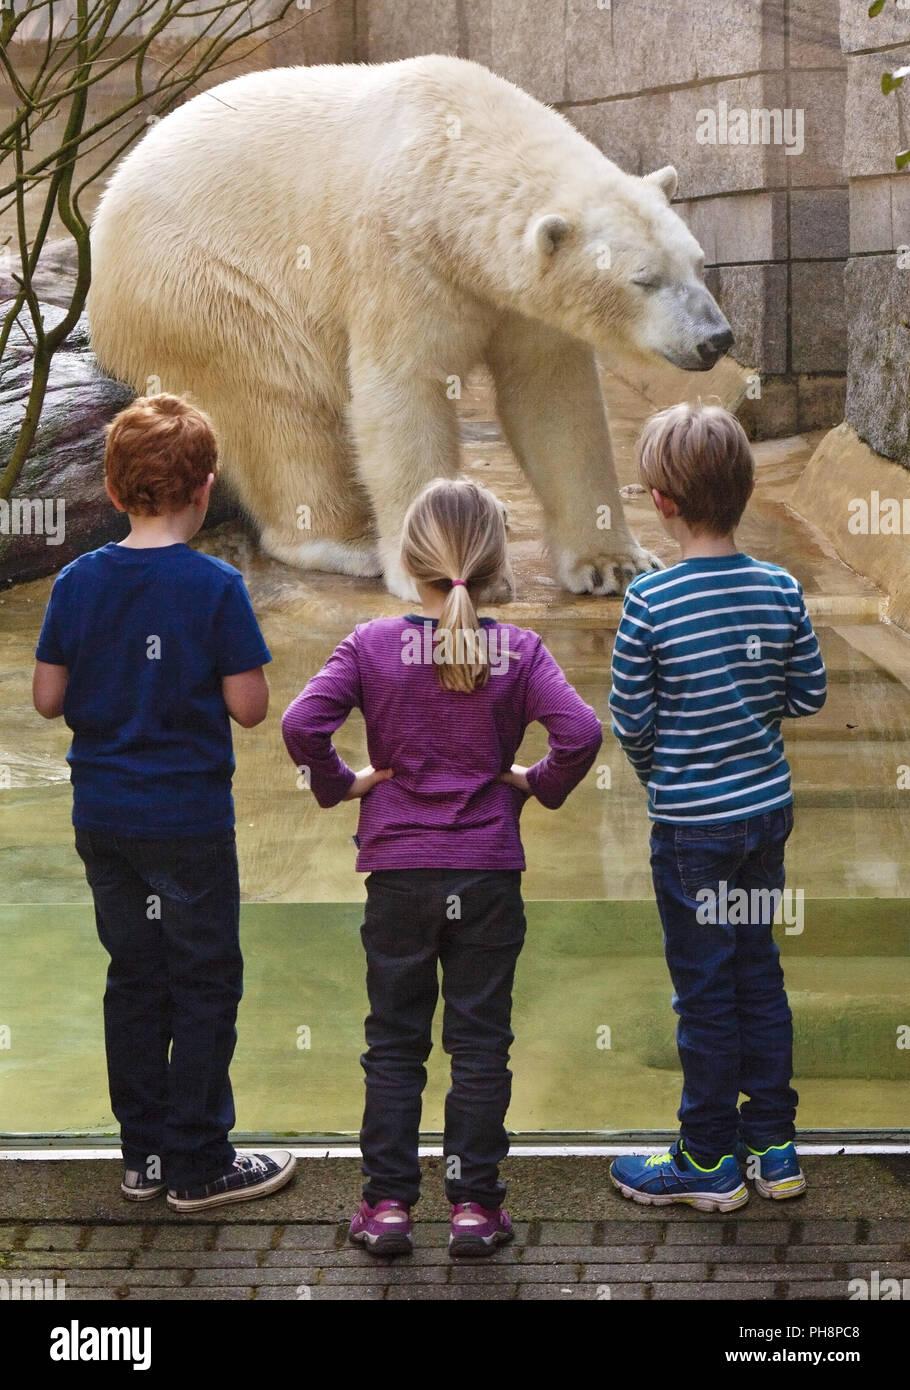 Tres niños delante de un oso polar Wuppertal. Imagen De Stock